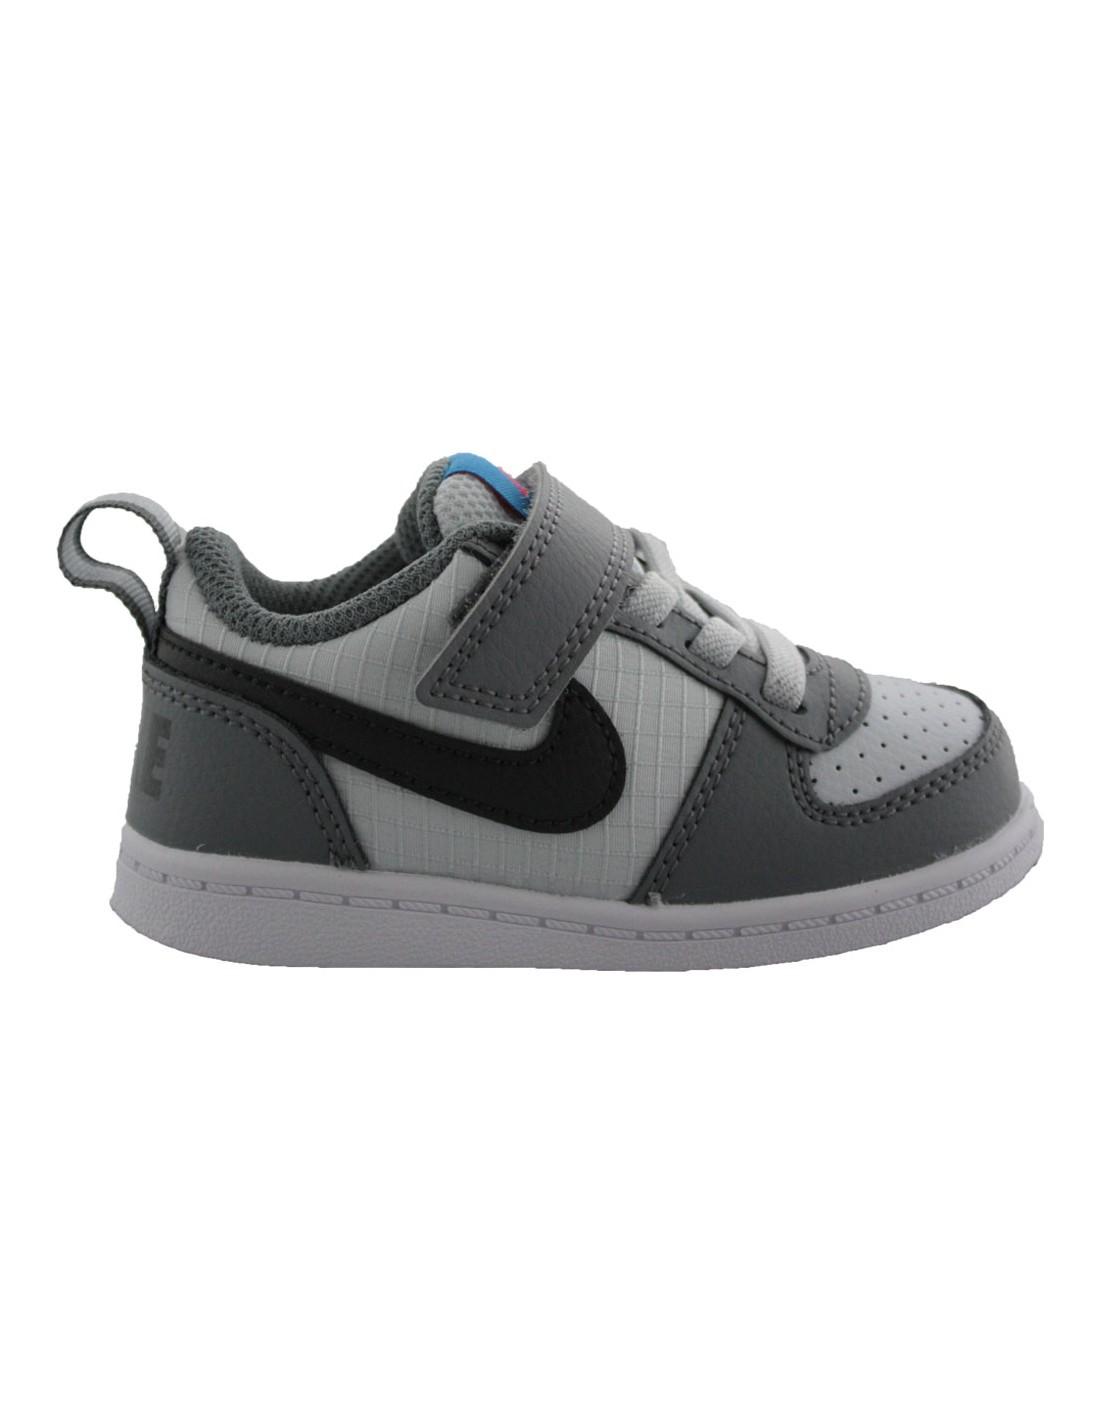 detailing cb987 c2fbc Scarpe Nike Court Borough Low bambino primi passi grigio